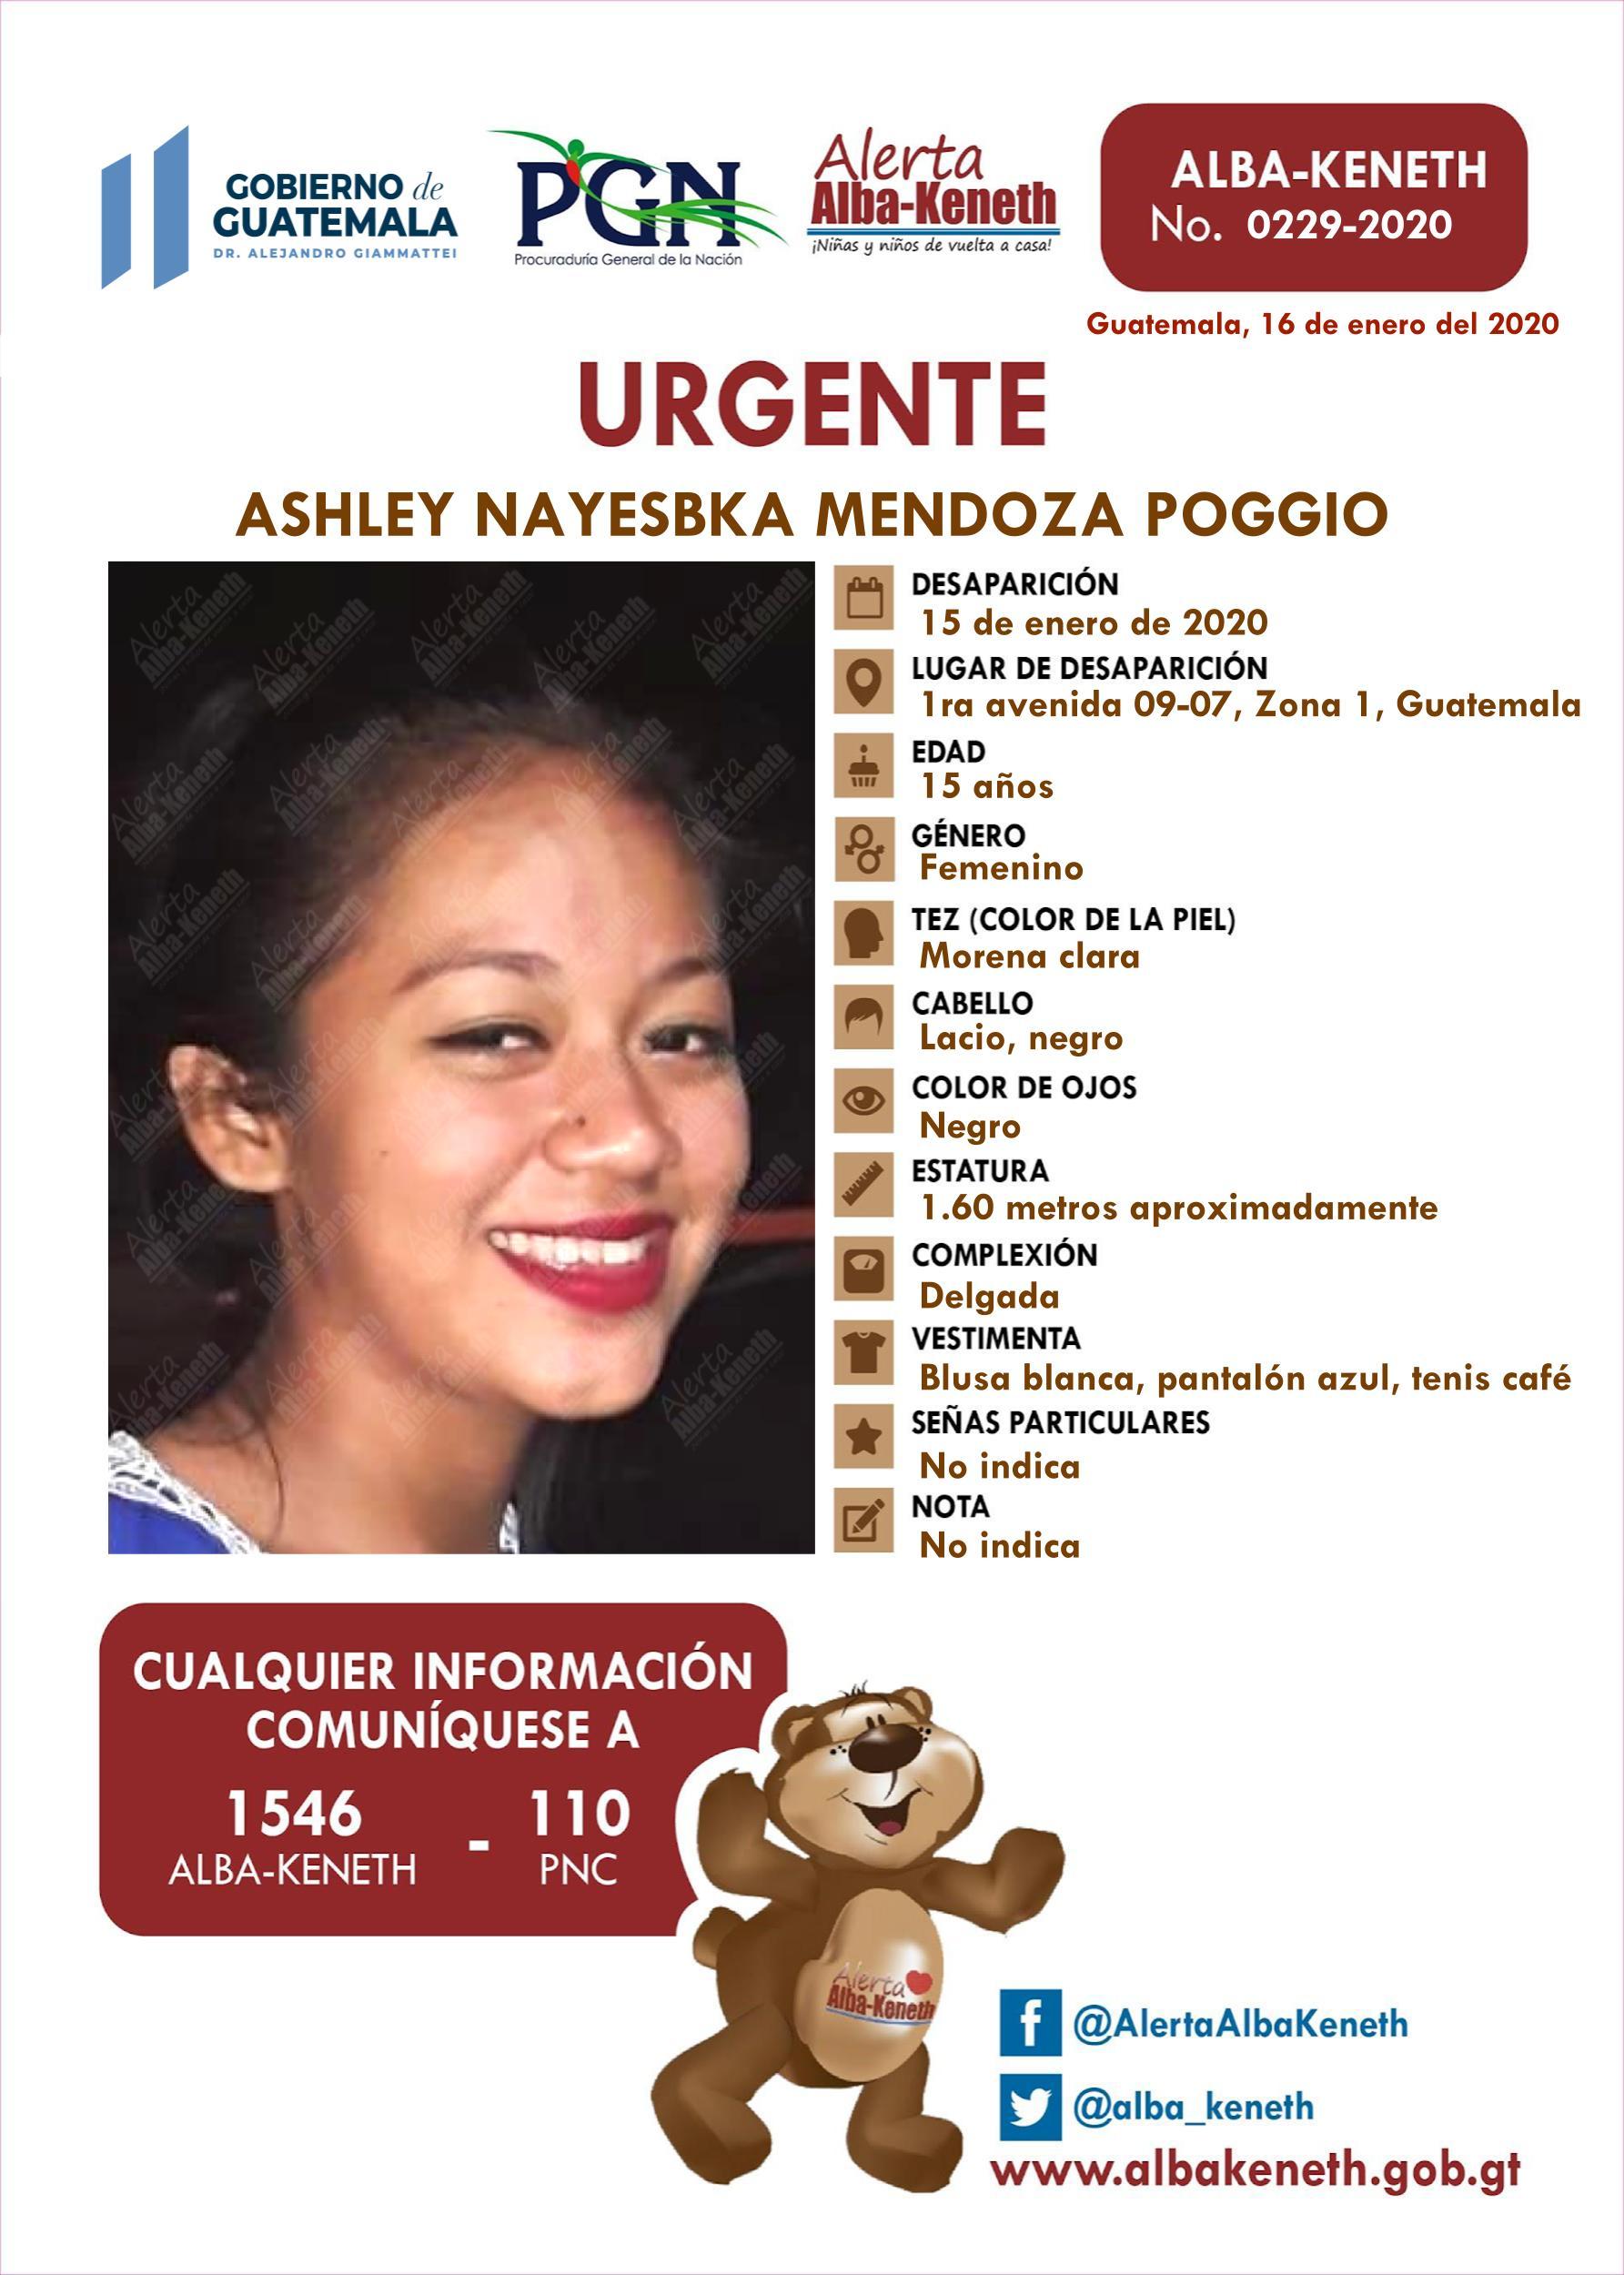 Ashley Nayesbka Mendoza Poggio